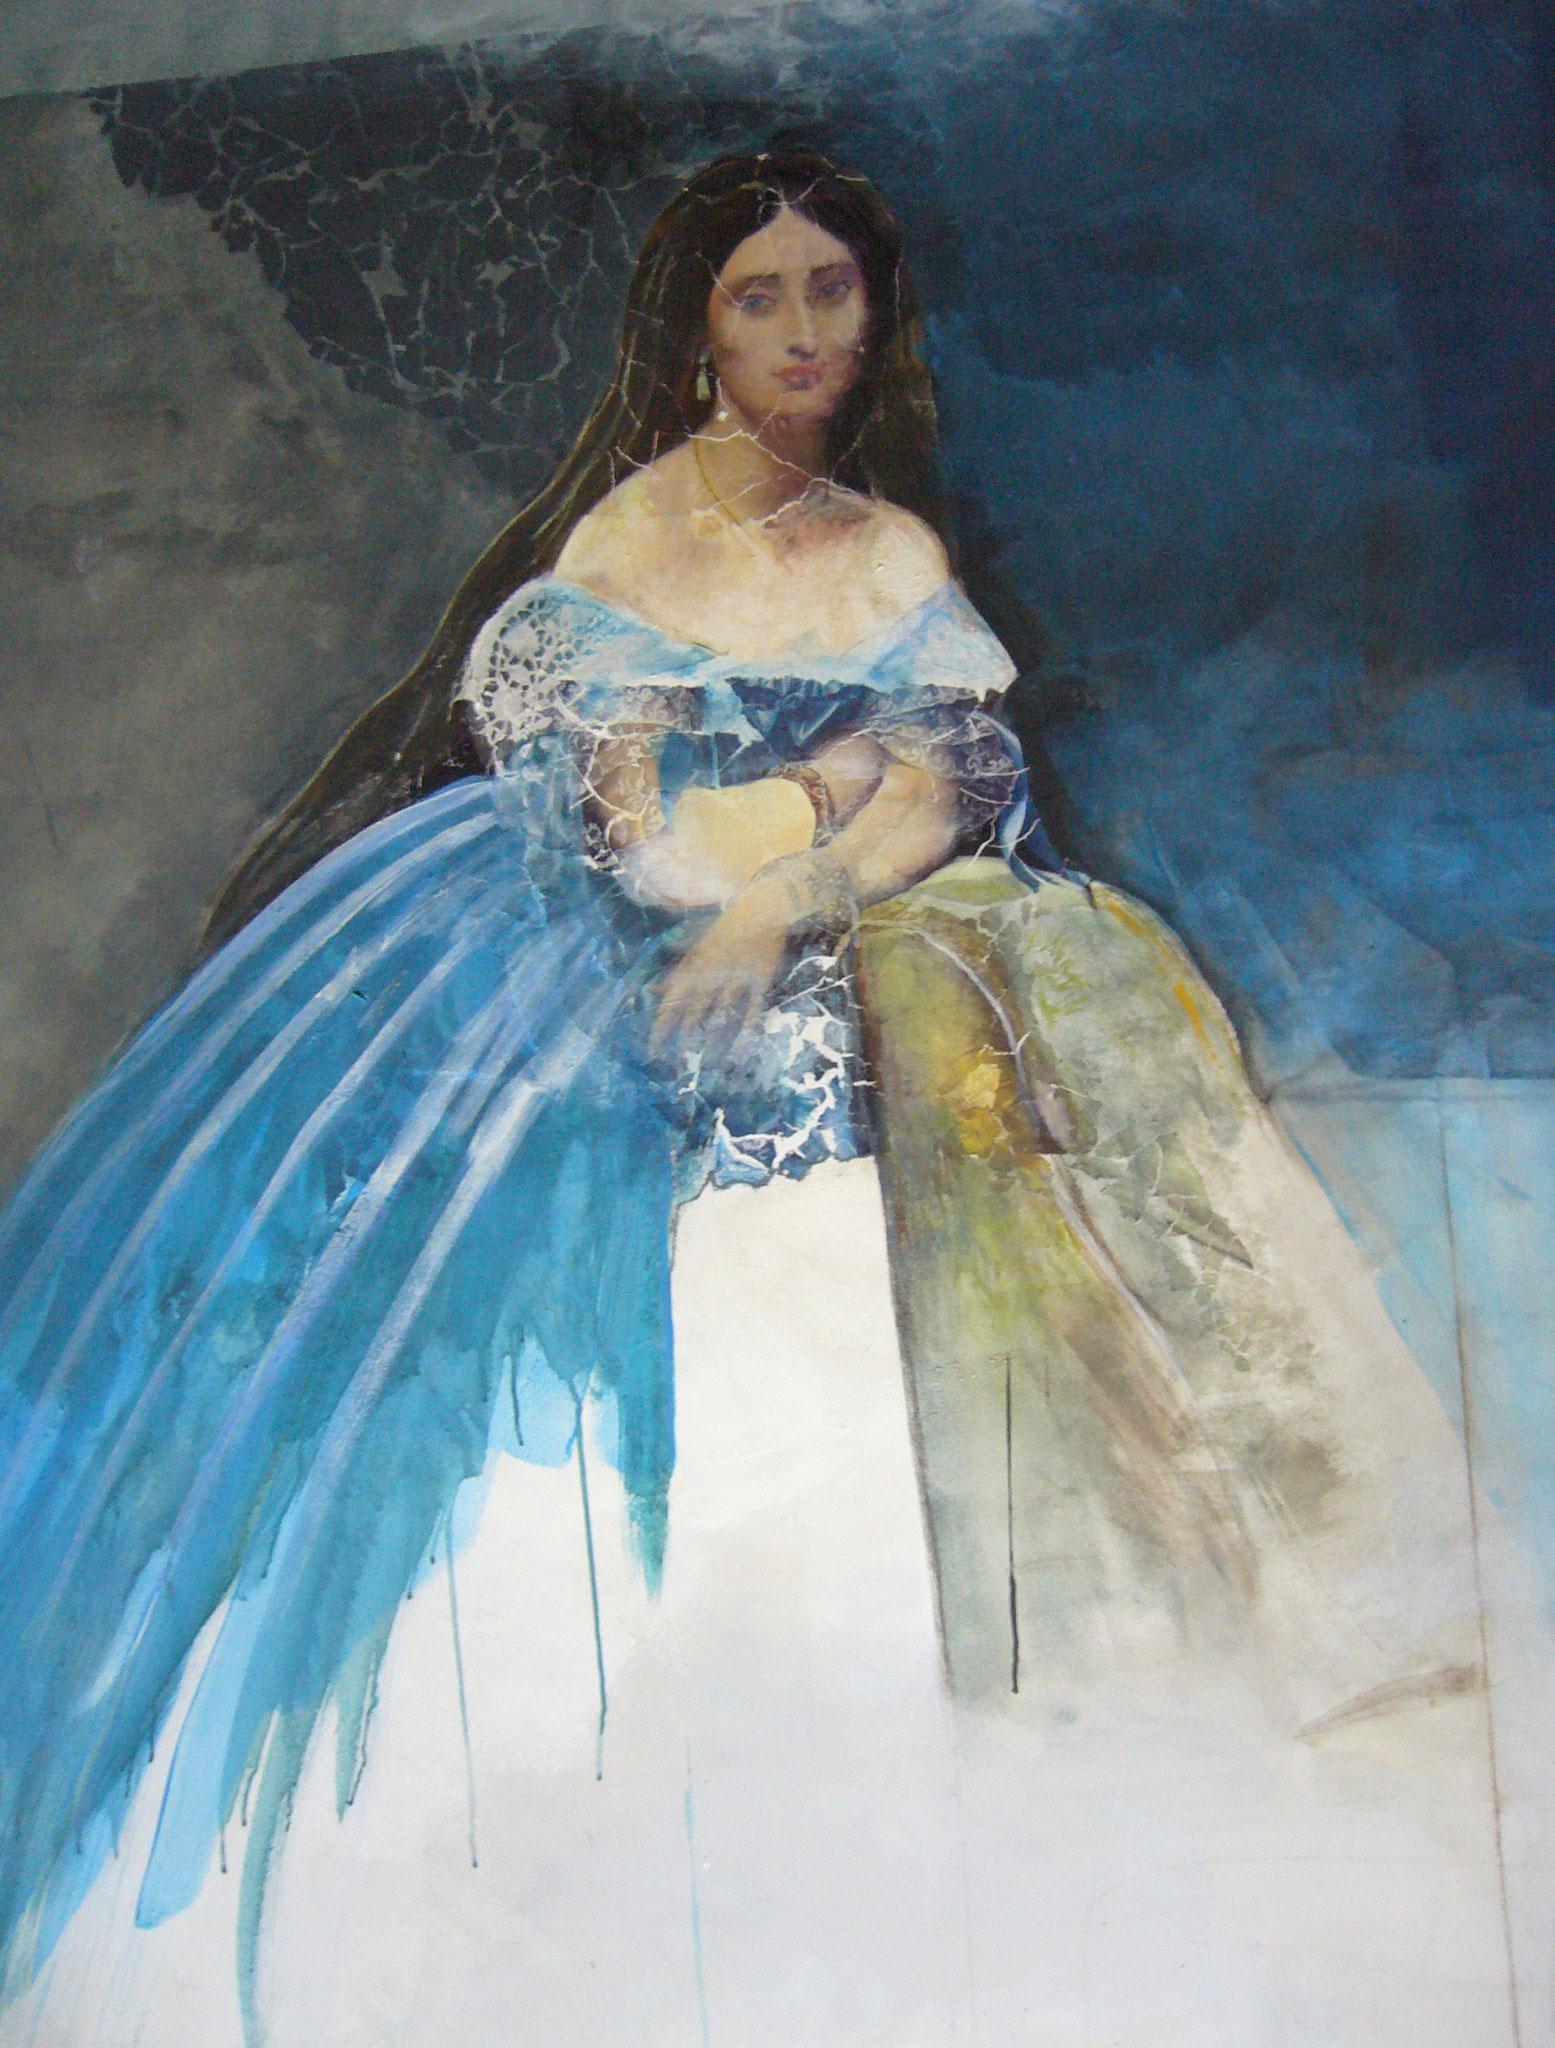 Josefine, Mischtechnik auf Leinwand, 120 x 150cm